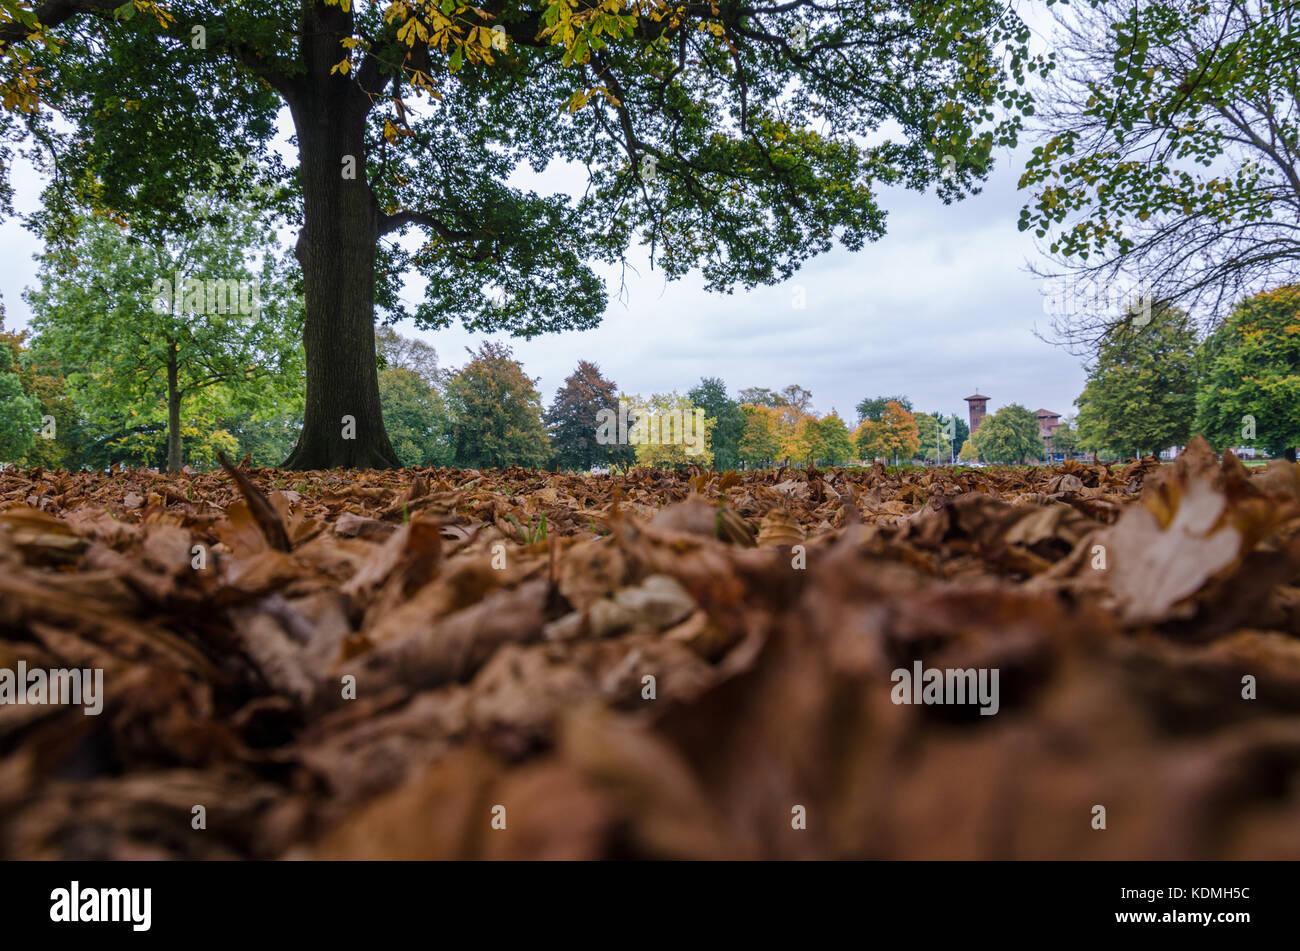 leaf-litter-lying-on-the-ground-in-prospect-park-reading-KDMH5C.jpg